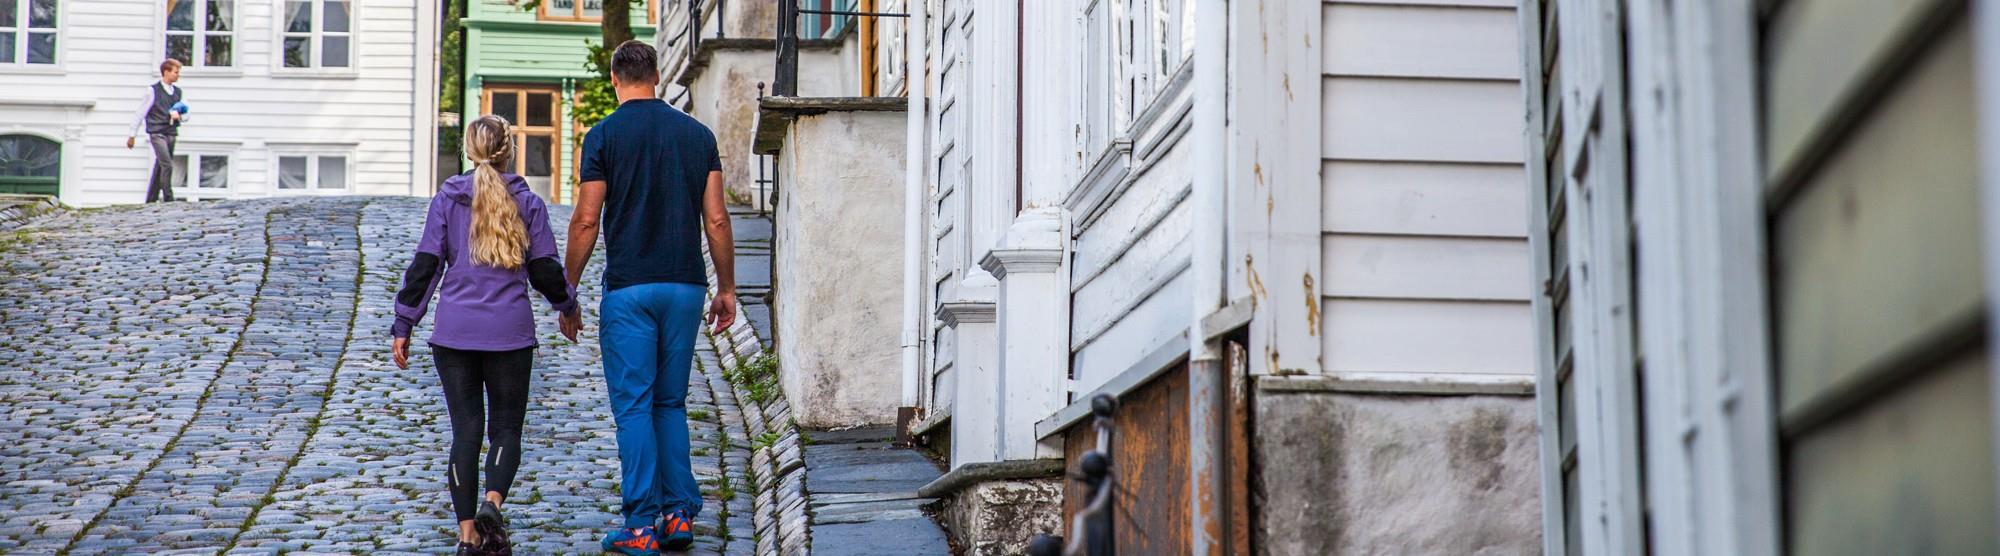 Weekend trips to Bergen